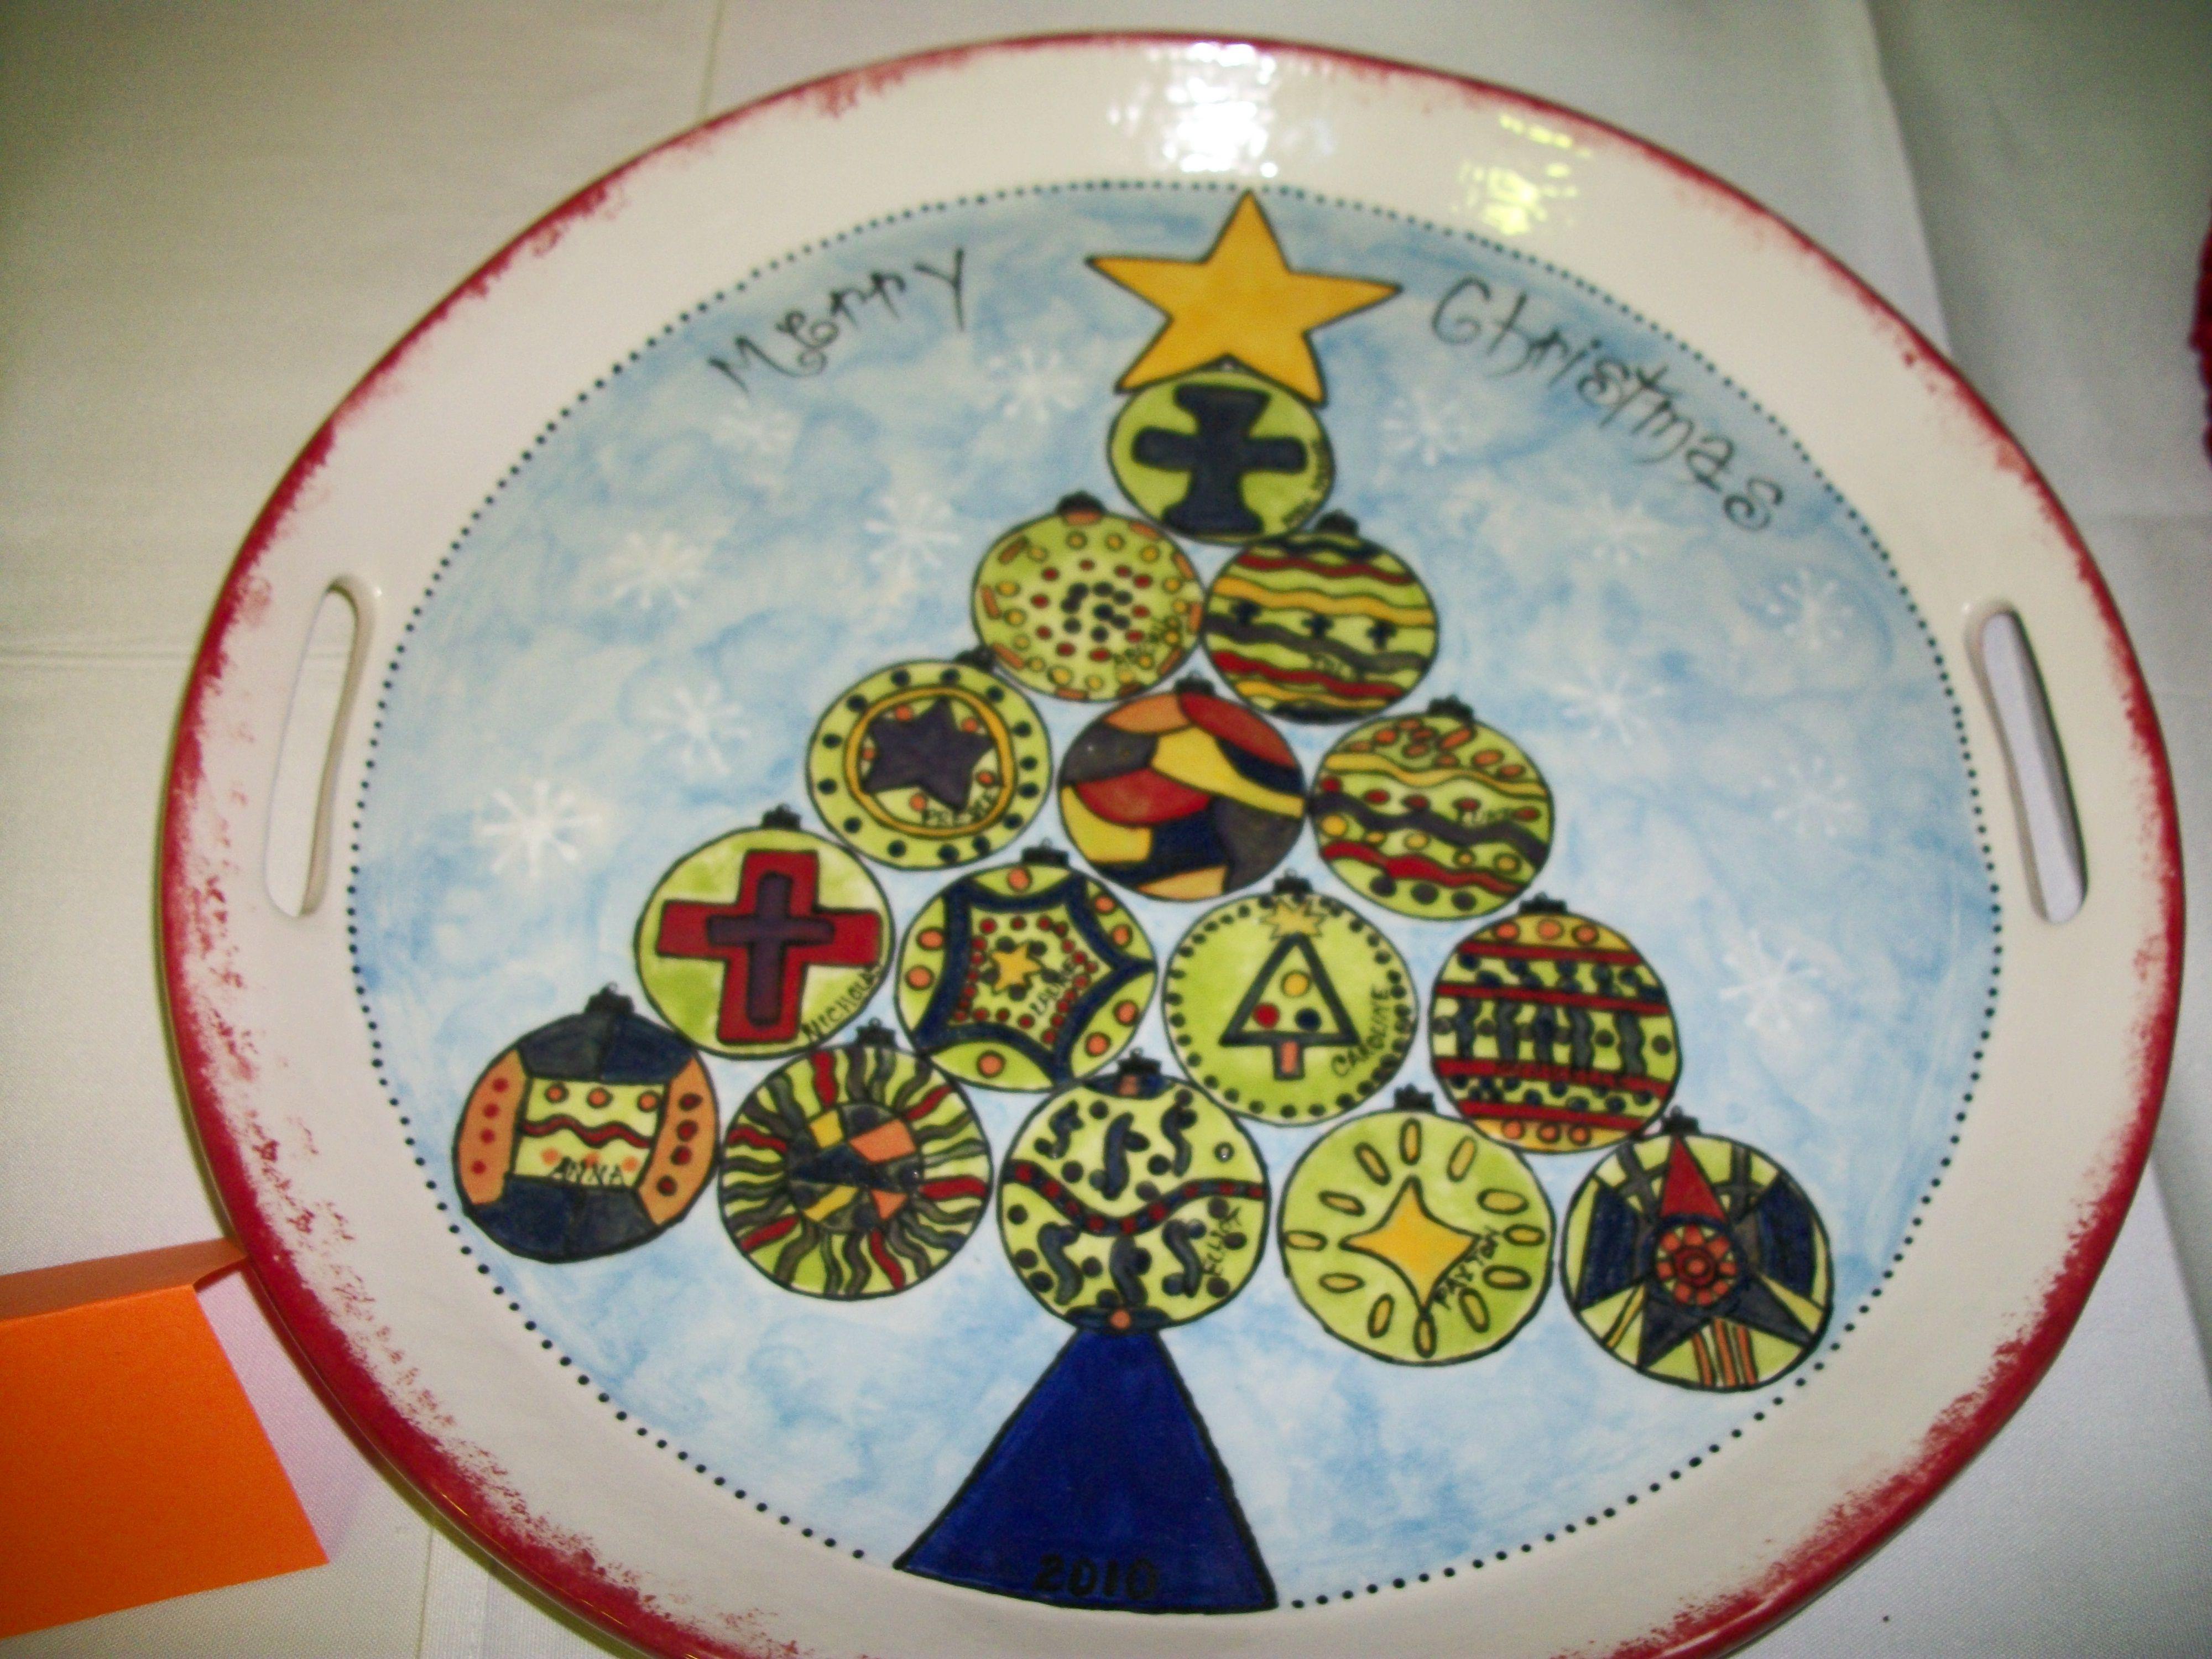 2010 Christmas plate